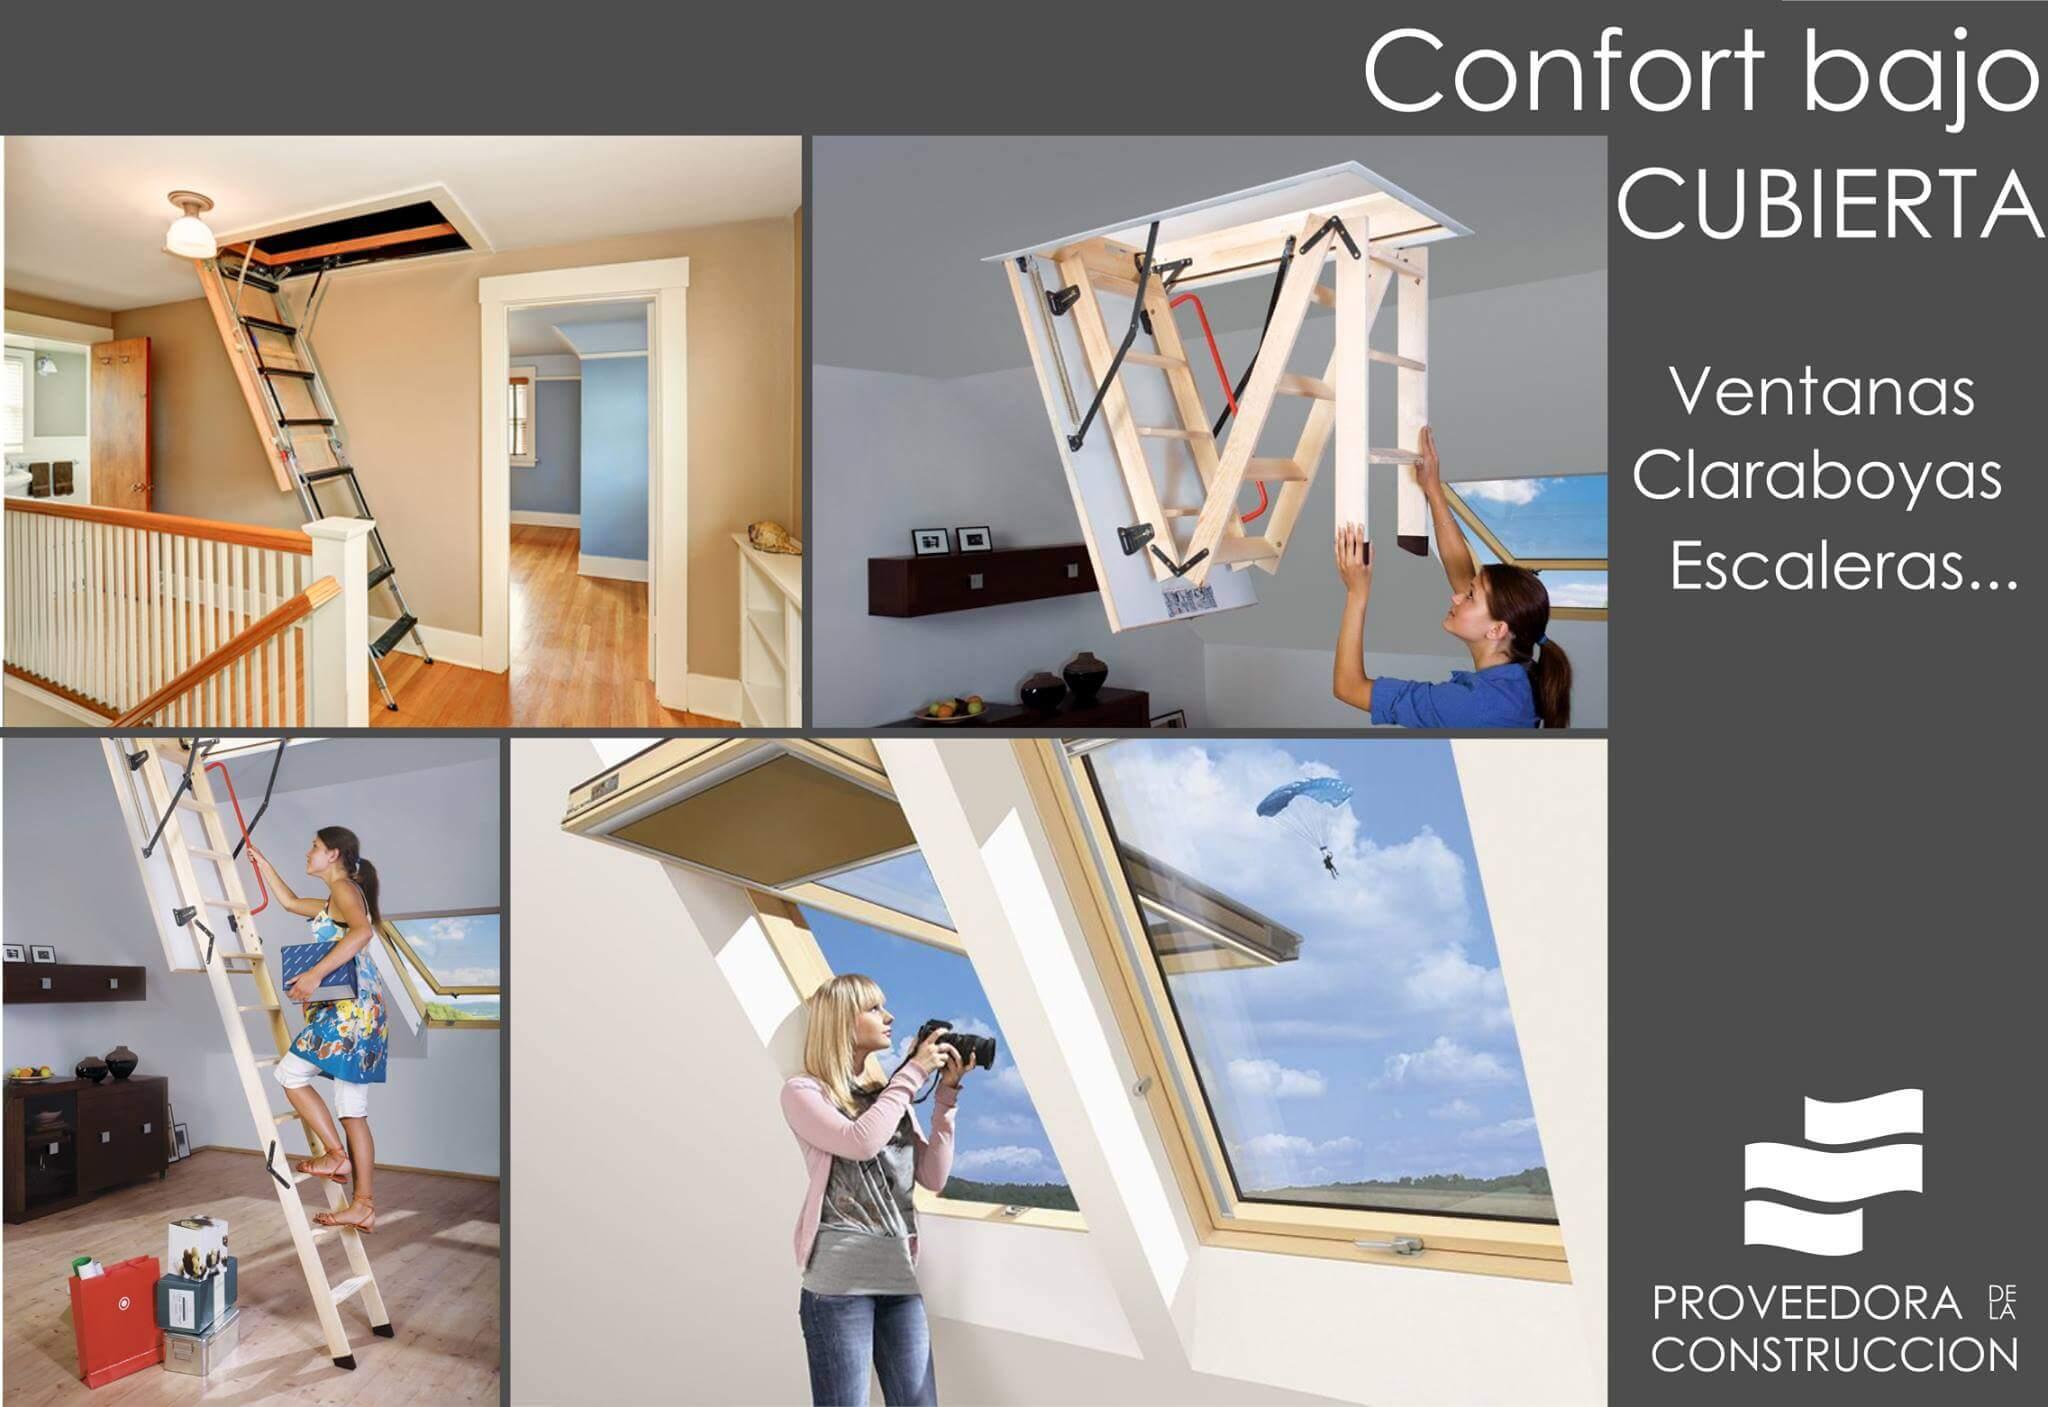 Confort bajo cubierta, ventanas y claraboyas